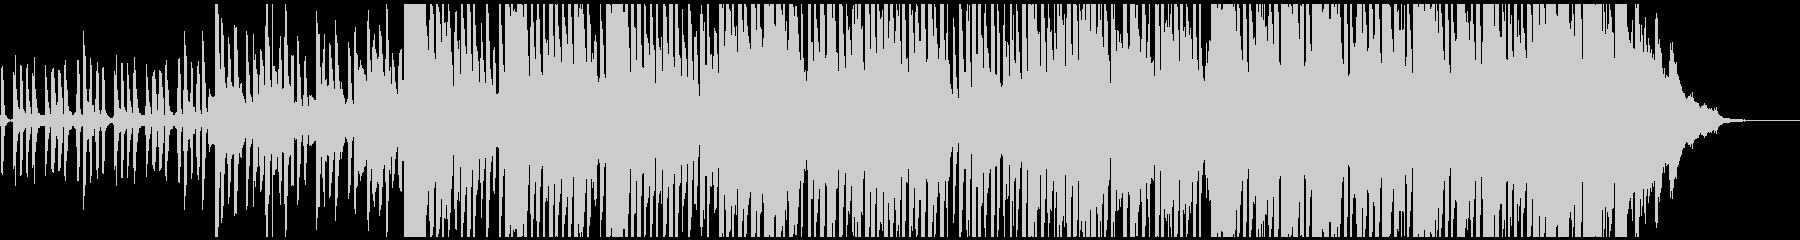 遊び心を持ち合わせた上品なピアノレトロの未再生の波形